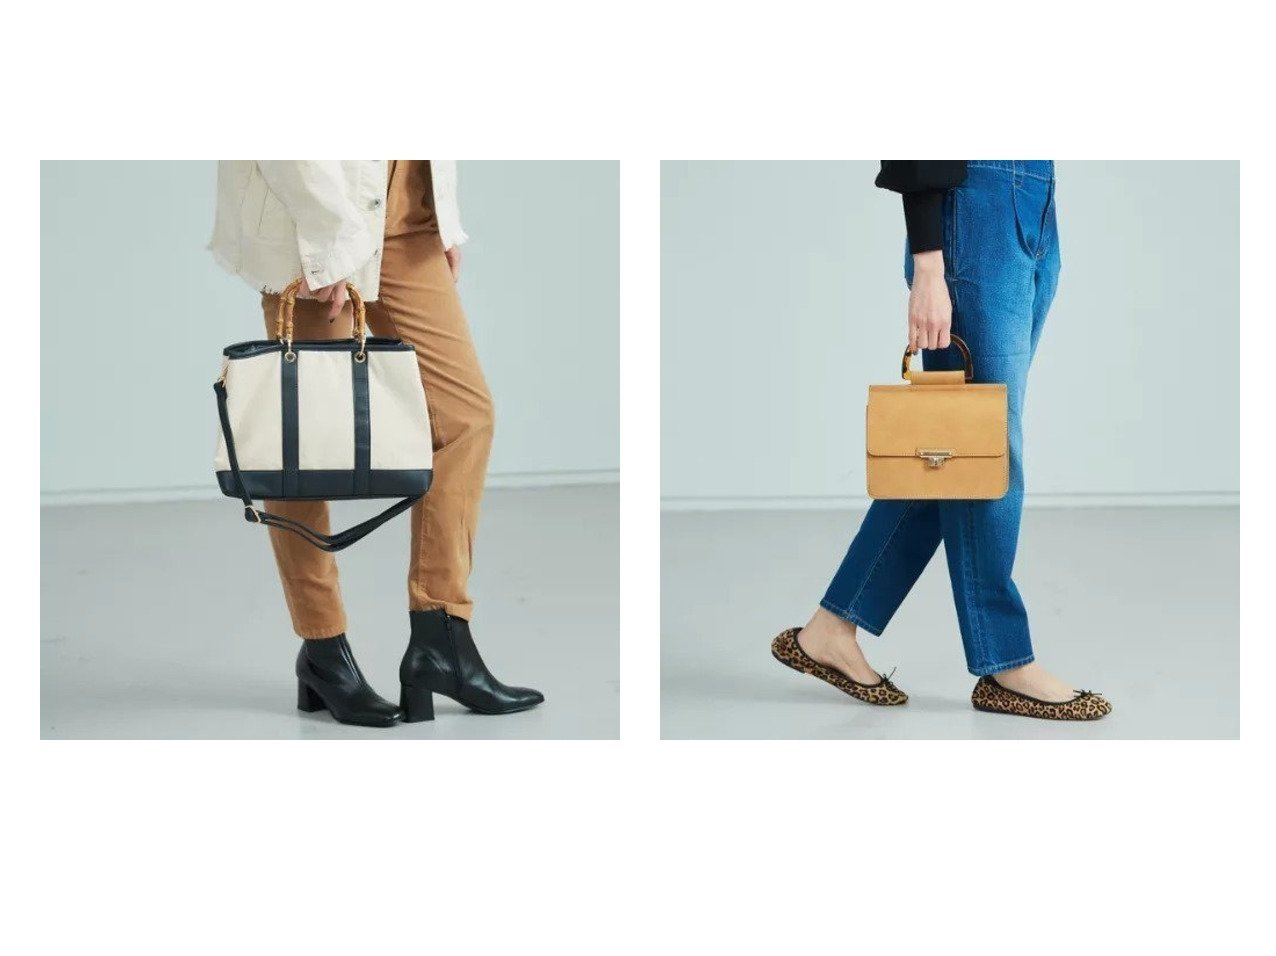 【Rouge vif/ルージュ ヴィフ】の【Avancer】2WAYキャンバス地トートバッグ&【Avancer】2WAYクリアDリングバッグ バッグ・鞄のおすすめ!人気、トレンド・レディースファッションの通販 おすすめで人気の流行・トレンド、ファッションの通販商品 メンズファッション・キッズファッション・インテリア・家具・レディースファッション・服の通販 founy(ファニー) https://founy.com/ ファッション Fashion レディースファッション WOMEN バッグ Bag キャンバス ショルダー トレンド ポケット マグネット コンパクト ハンドバッグ マーブル 冬 Winter |ID:crp329100000015350